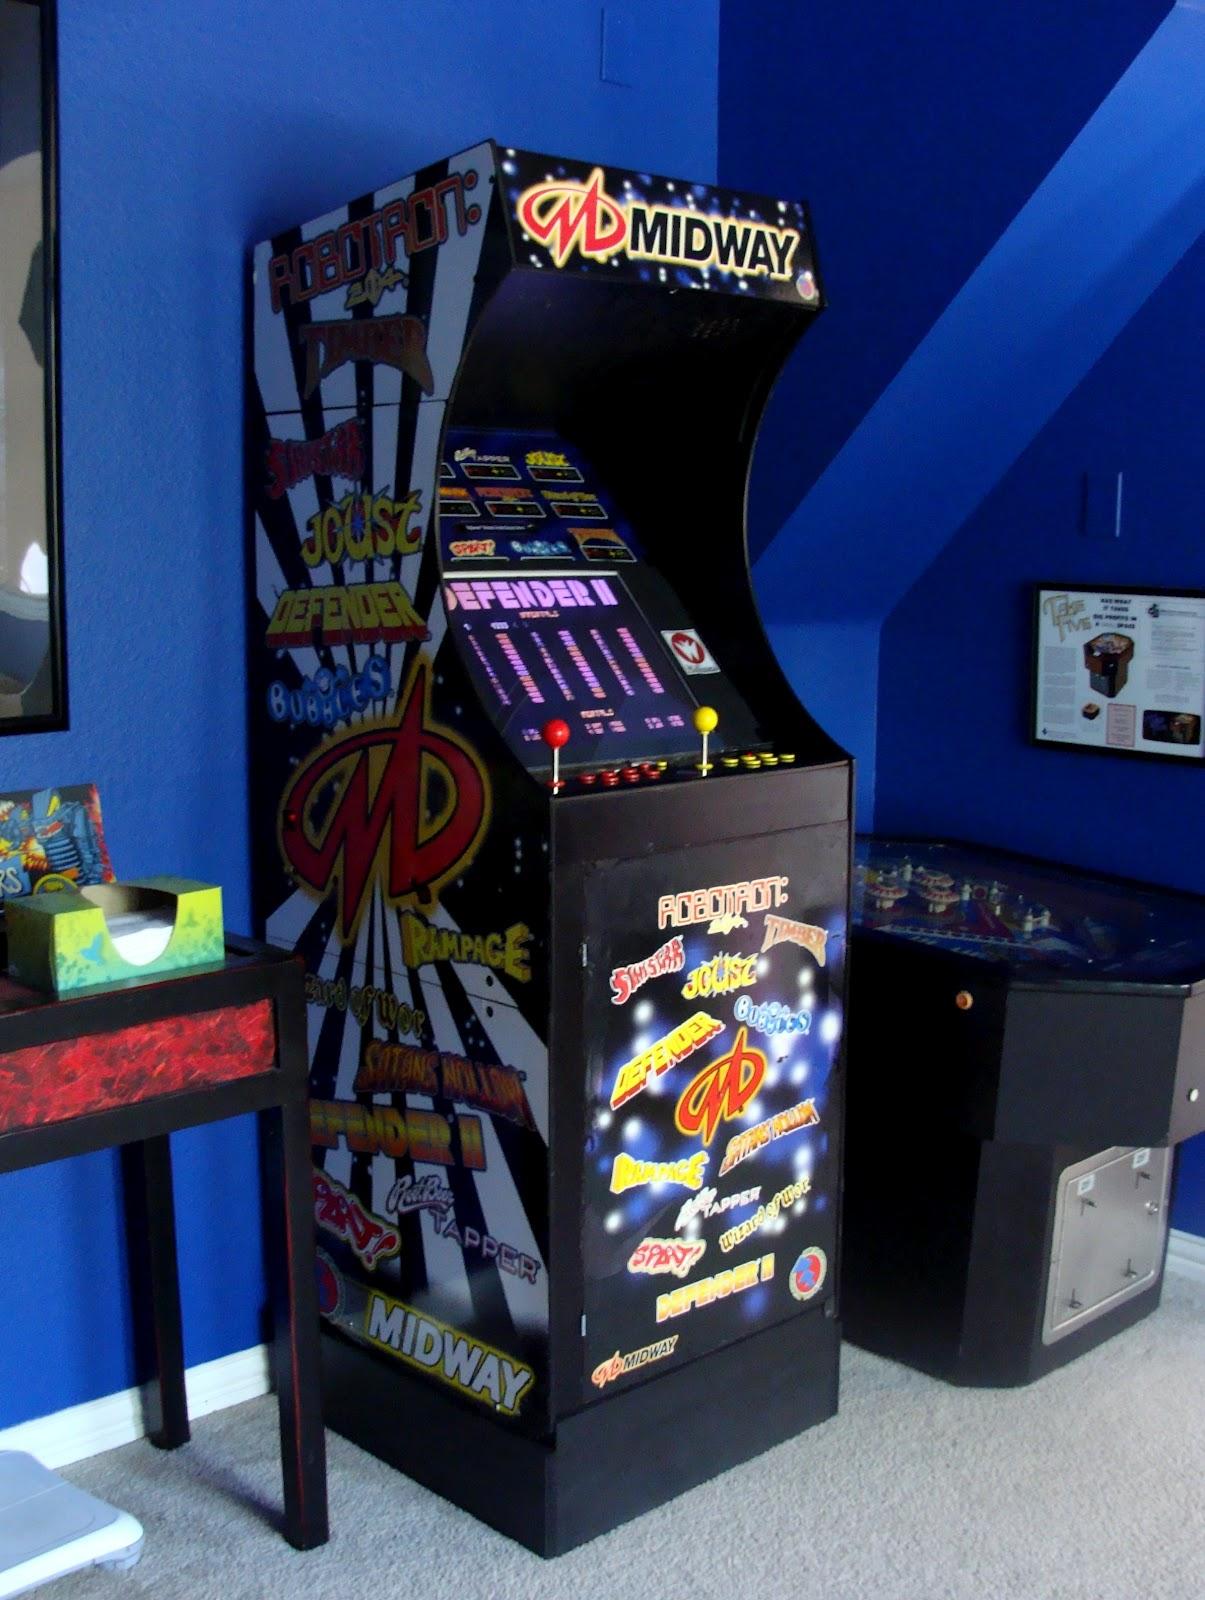 Amigonet Midway 12 In 1 Arcade